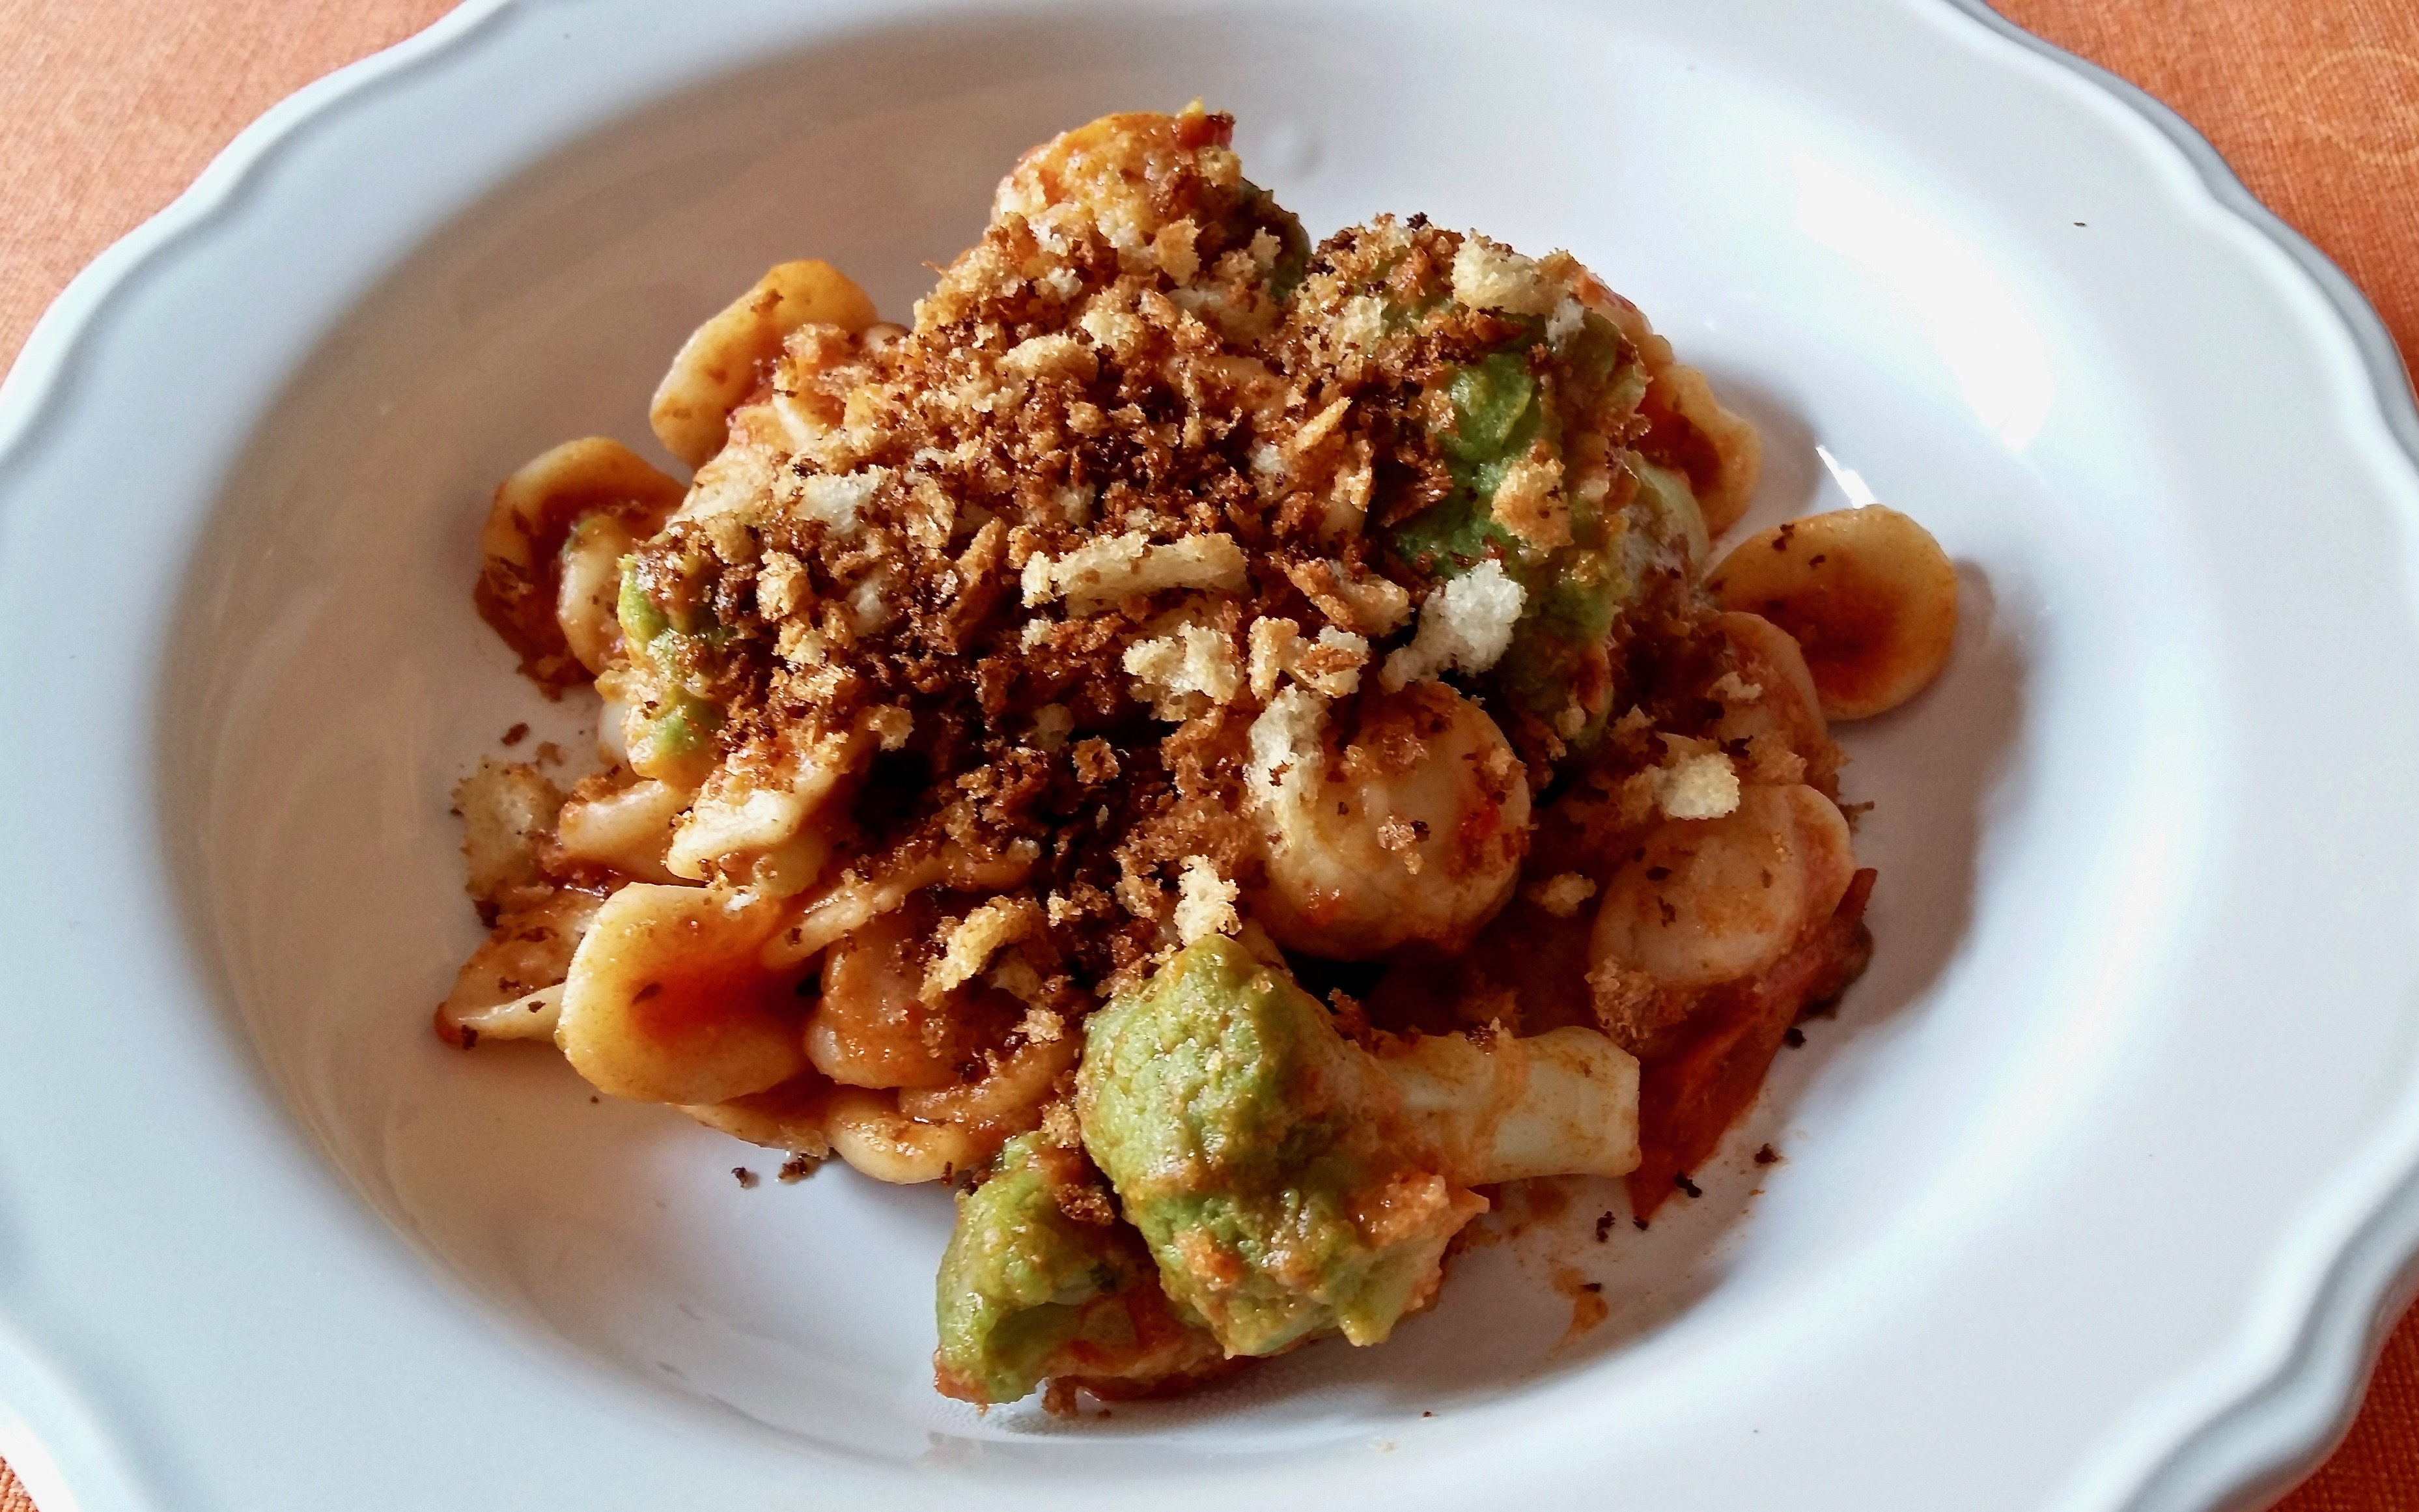 Piatto tipico pugliese: orecchiette e cavoli con mollica fritta